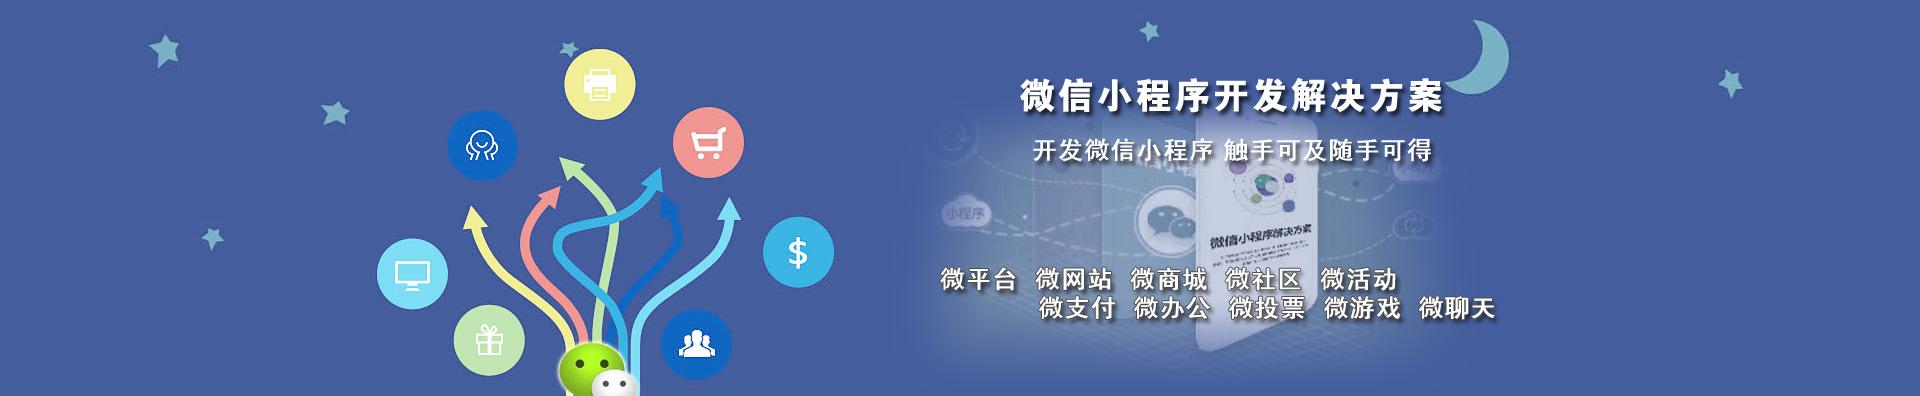 天光浩月昆明网站建设微网站